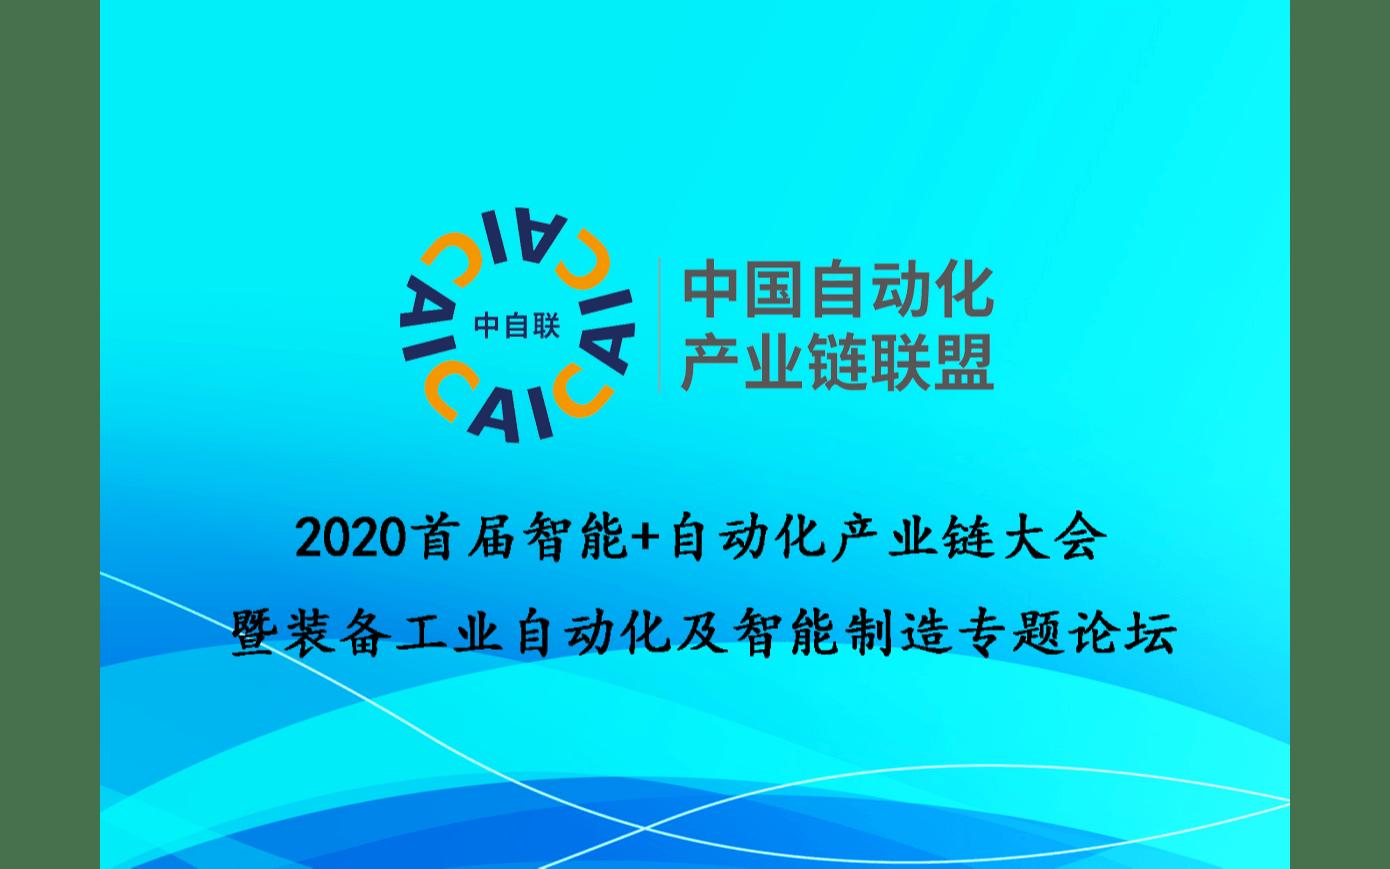 2020首届智能+自动化产业链大会 暨装备工业自动化及智能制造专题论坛